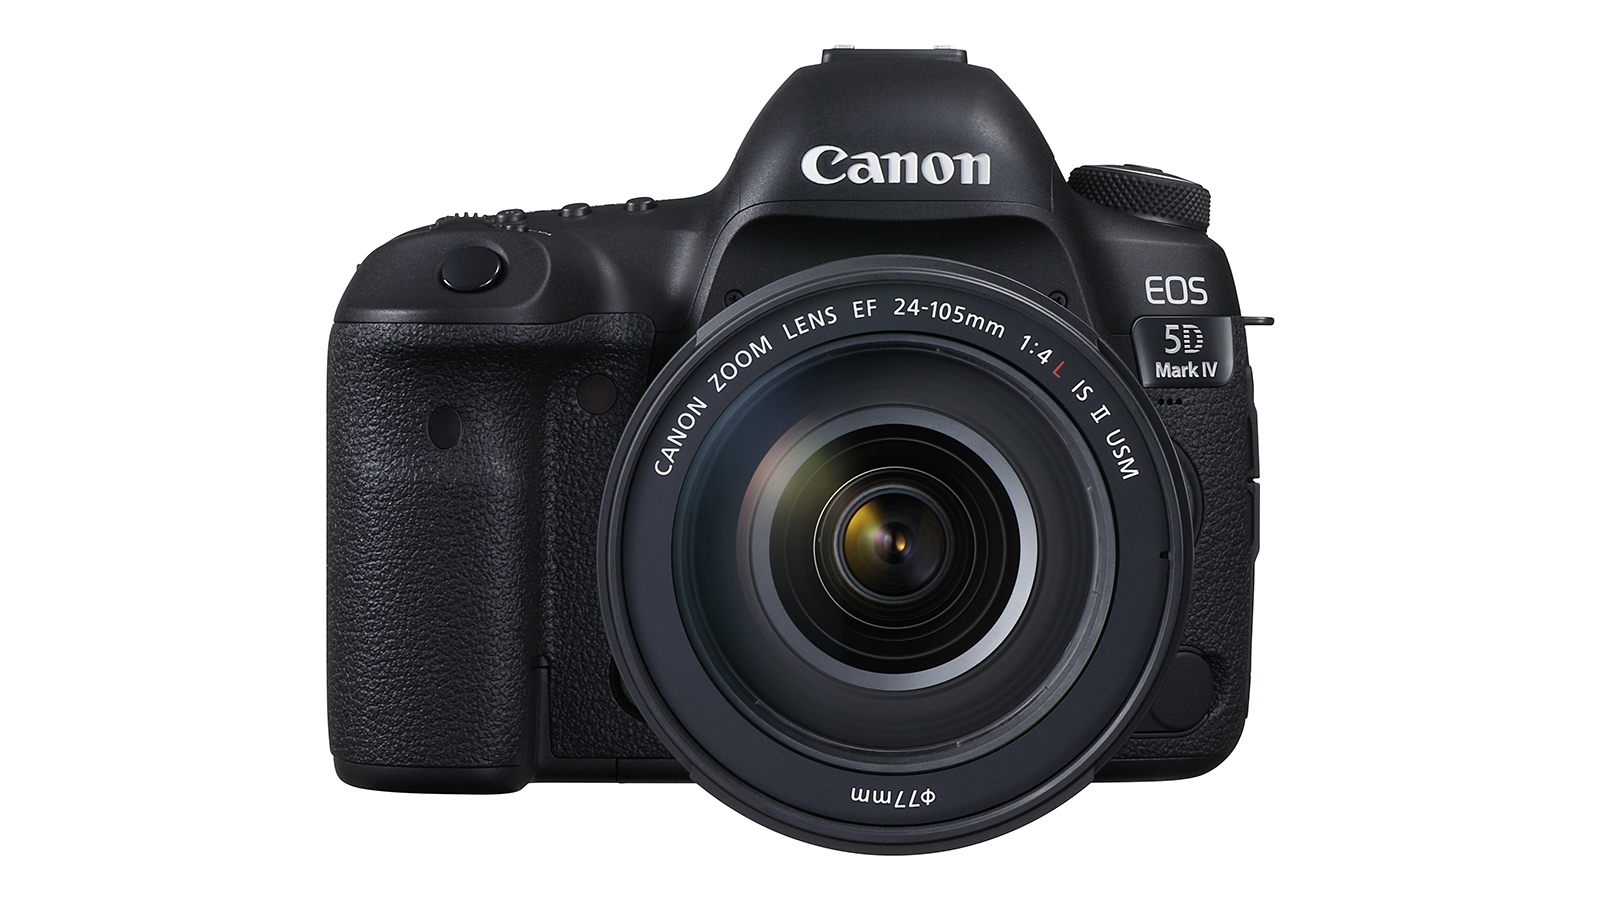 canon-eos-5d-mark-IV-002-eest